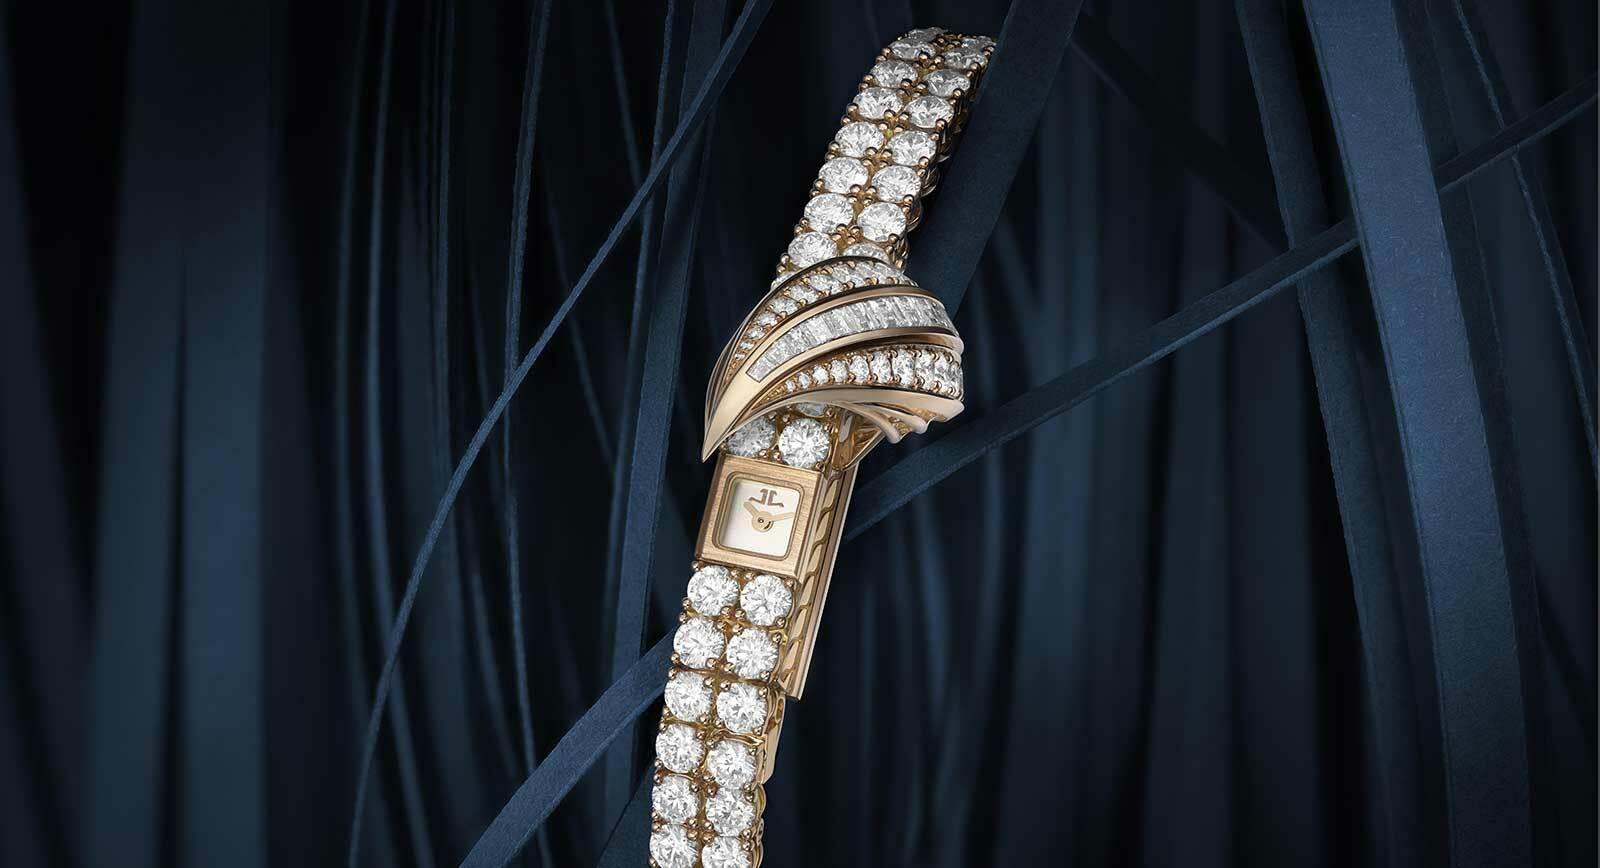 5b4b4e1254c9 Новинки часовой индустрии: роскошные ювелирные часы из последних ...